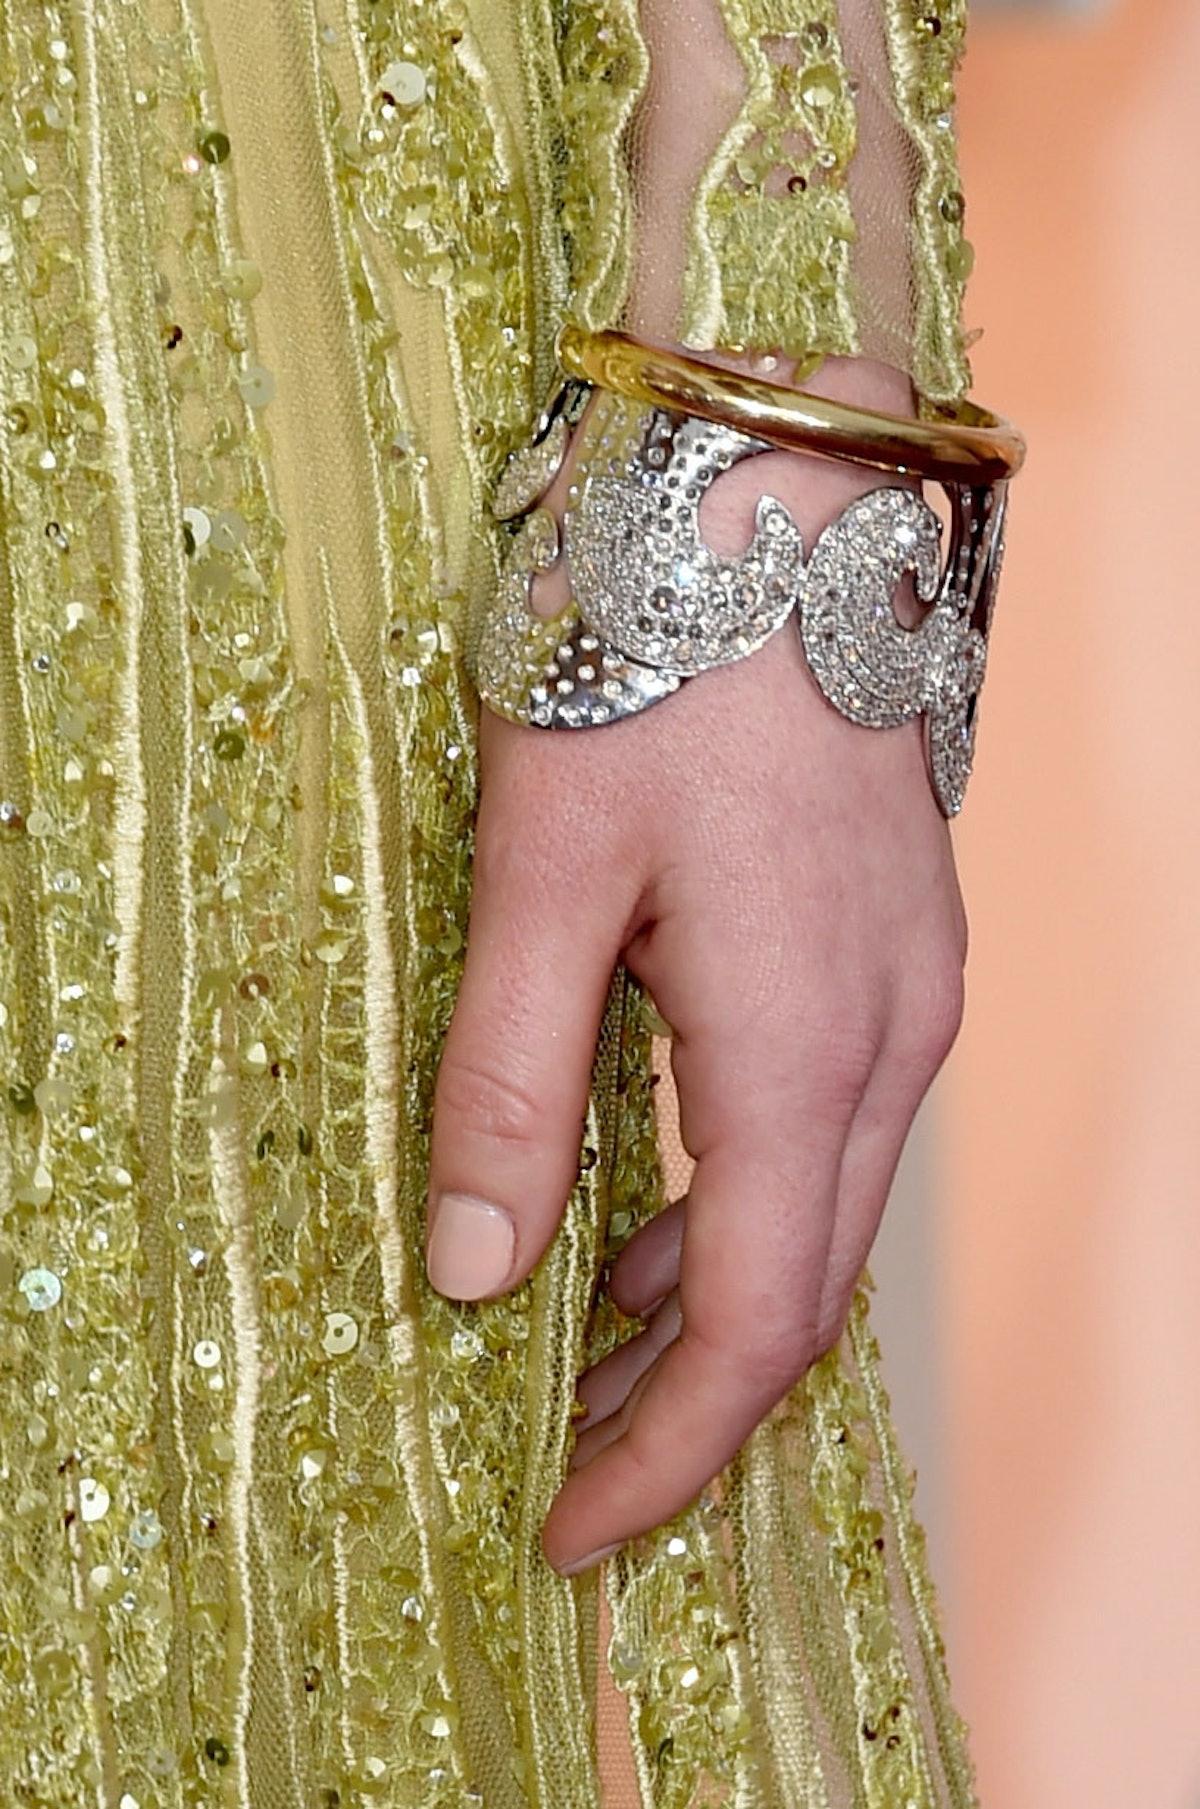 Emma Stone in Tiffany & Co. cuffs